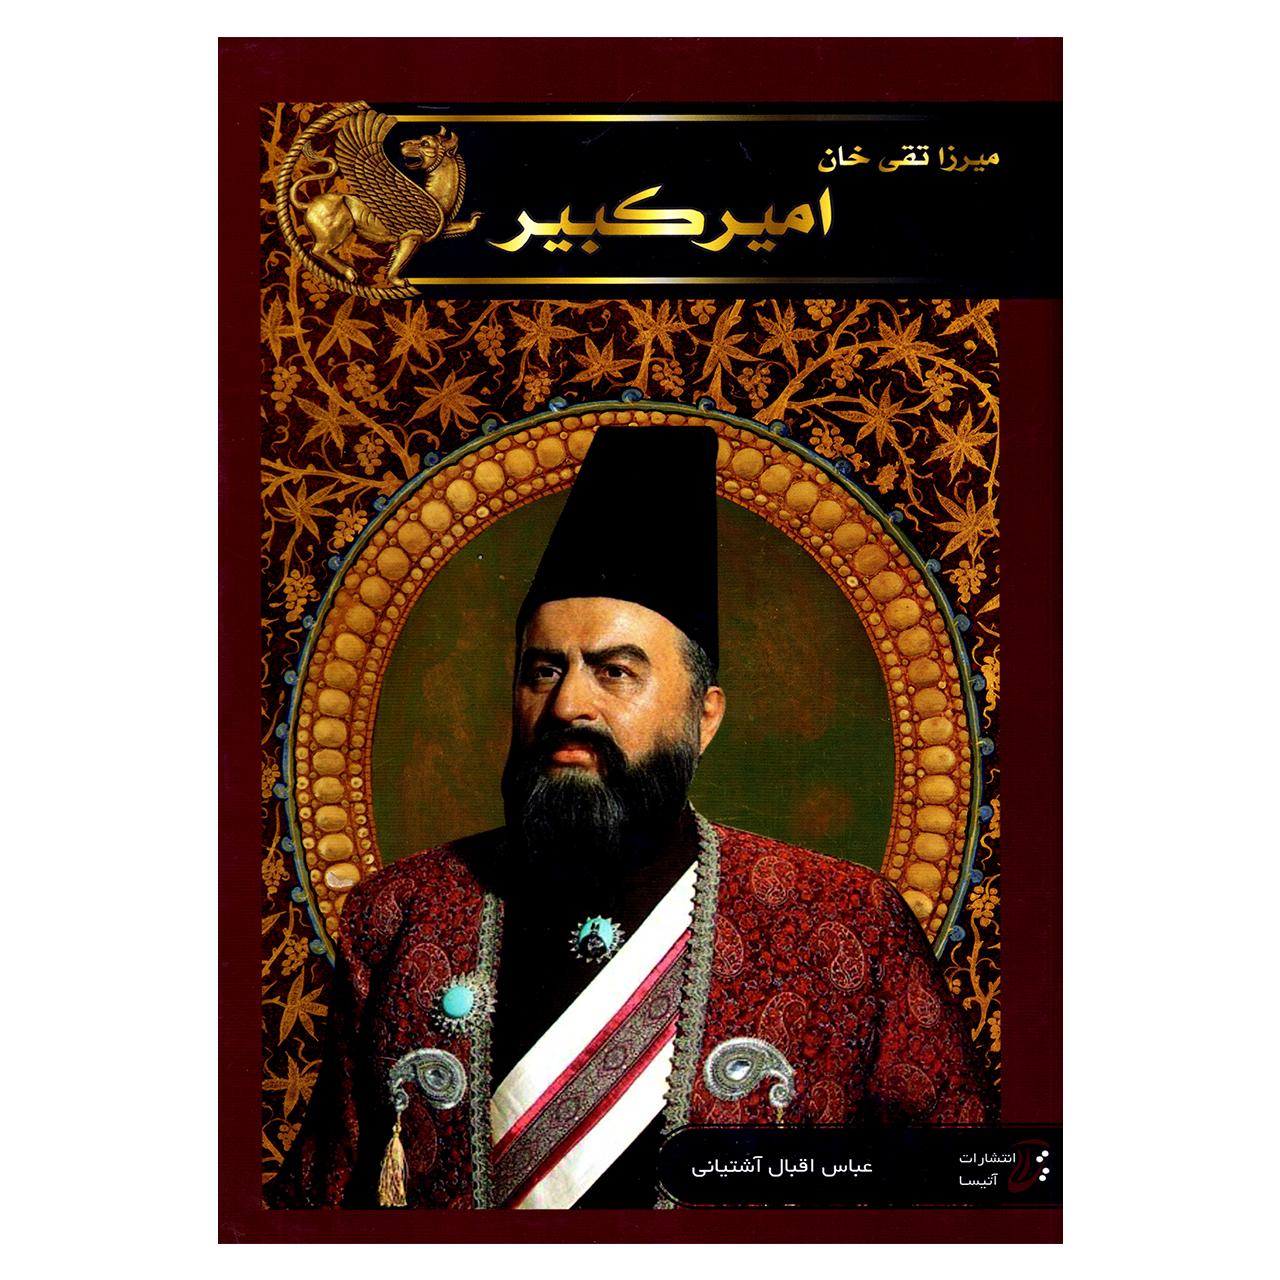 خرید                      کتاب میرزا تقی خان امیرکبیر اثر عباس اقبال آشتیانی انتشارات آتیسا